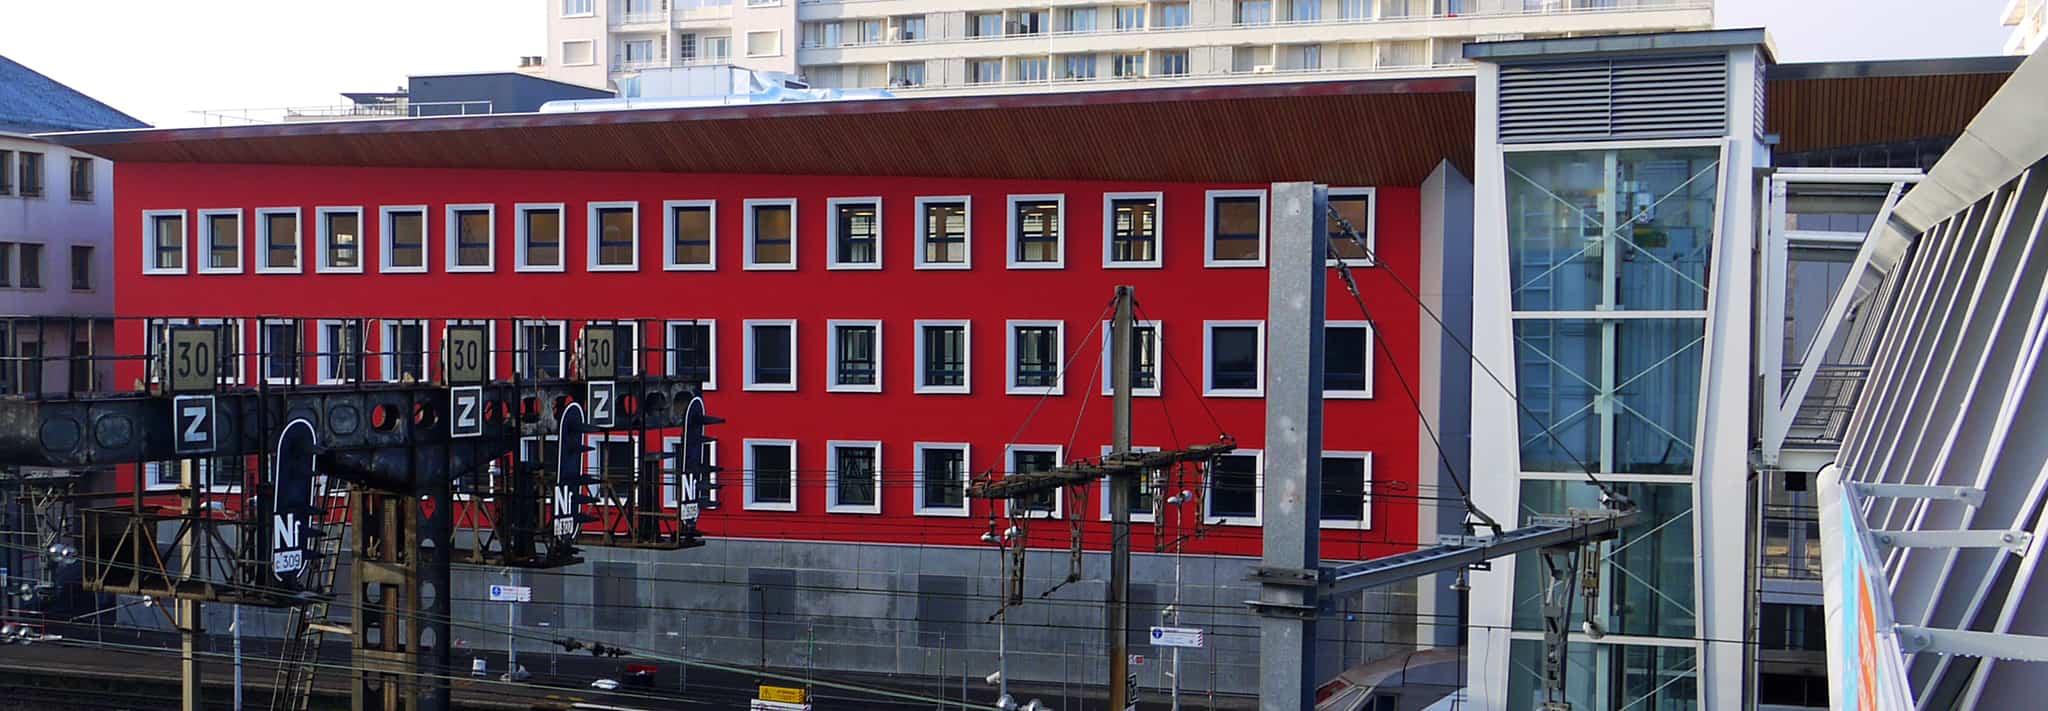 B+M Architecture - Façade des quais : les travées ralentissent...